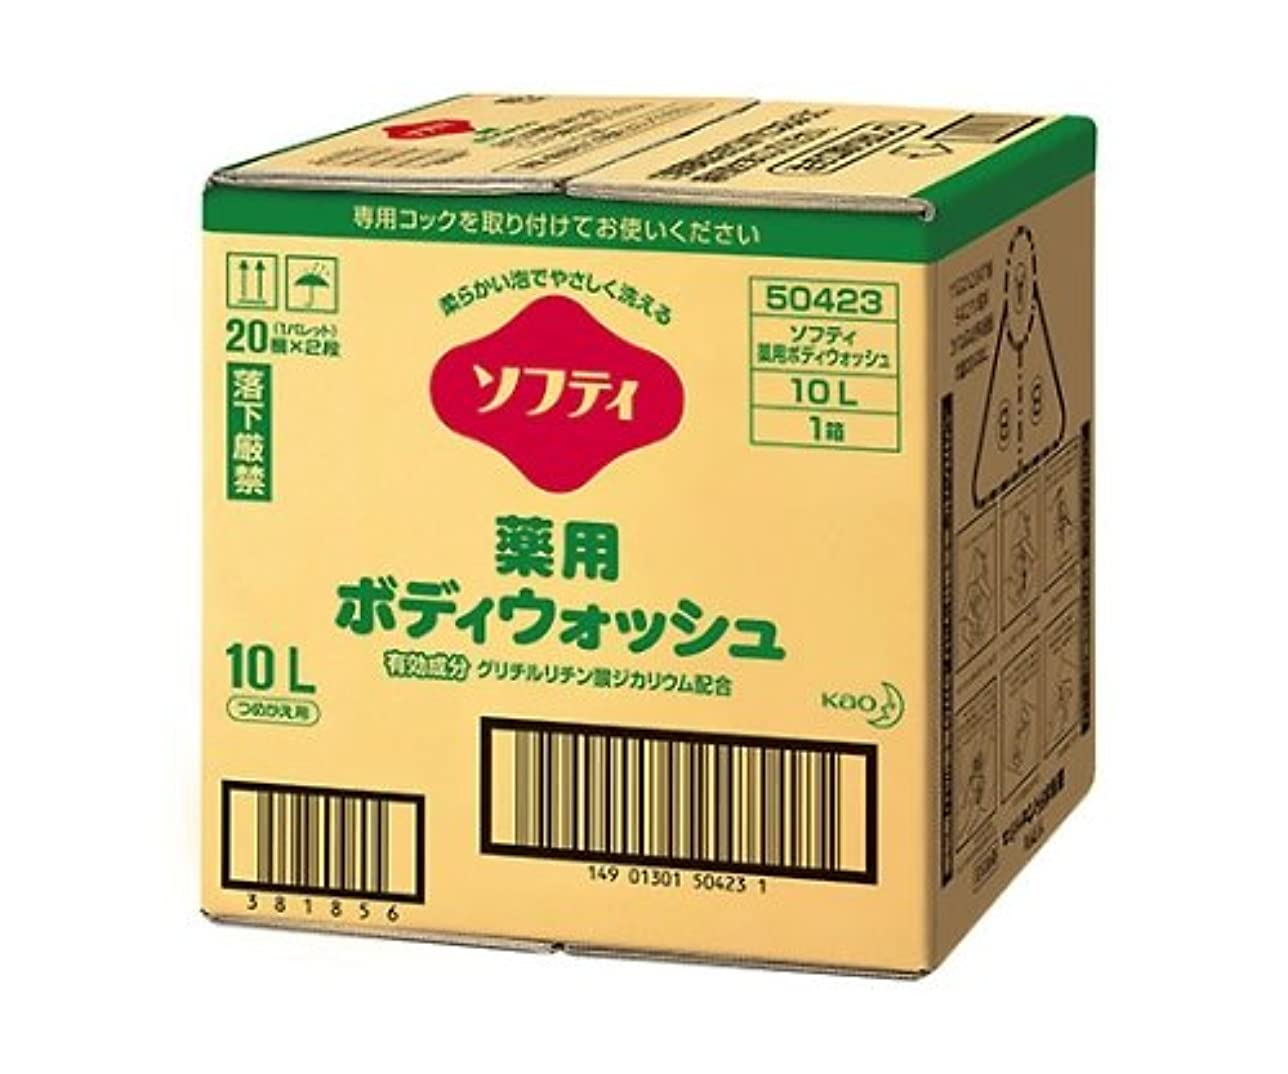 ブラジャーリスク電話花王61-8510-03ソフティ薬用ボディウォッシュ10Lバッグインボックスタイプ介護用